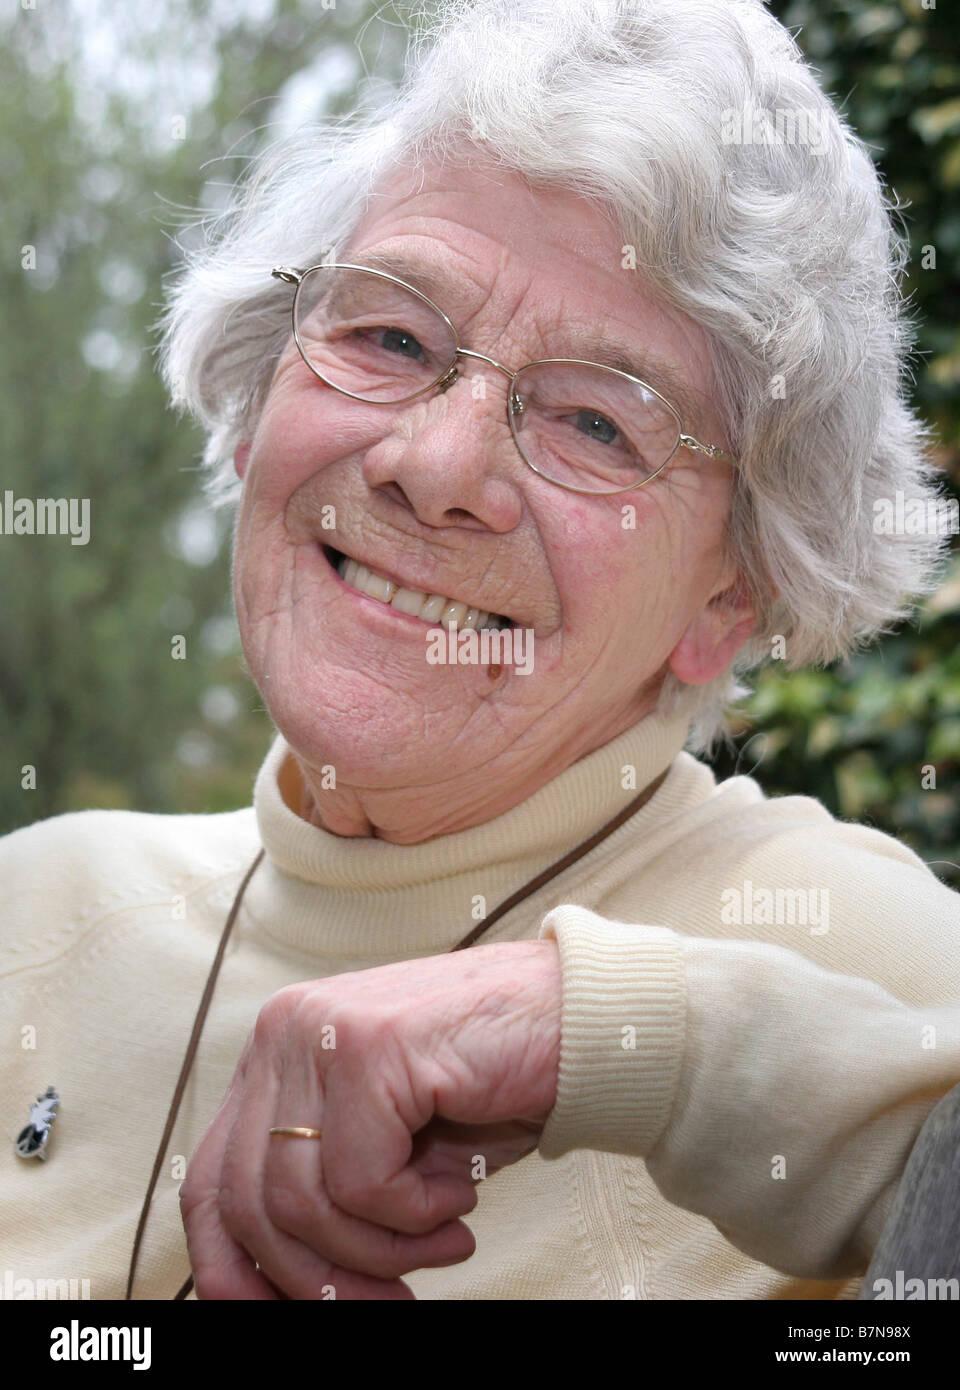 Jean Kaye jetzt 80 war eine große Kämpferin für den Frieden in der 80er Jahren genommen 2006 Oxfordshire Stockbild